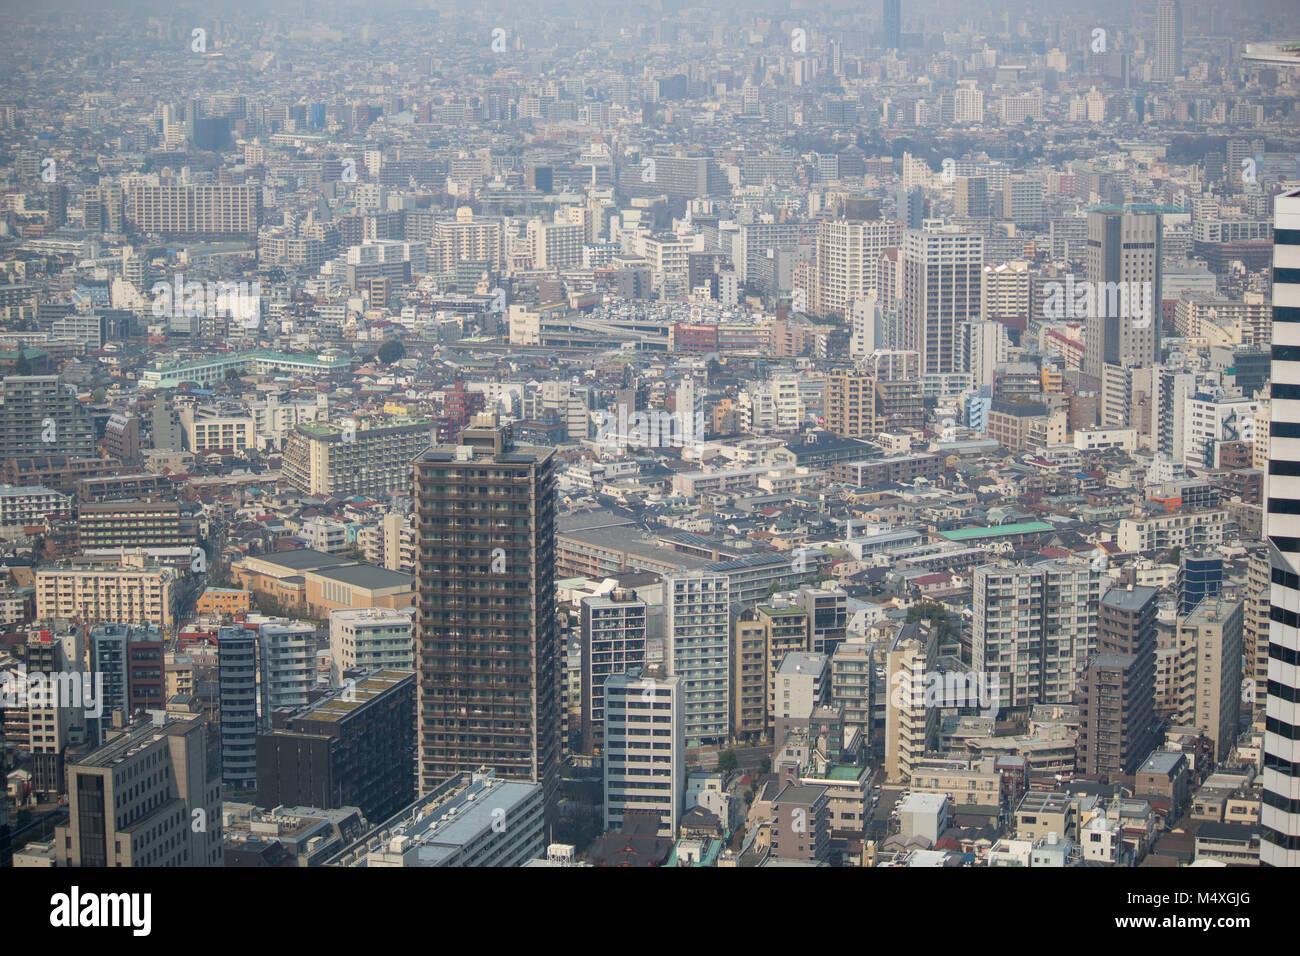 La vista desde el piso 45 del edificio del gobierno de Tokio que muestra una vista de la parte central de Tokio Imagen De Stock